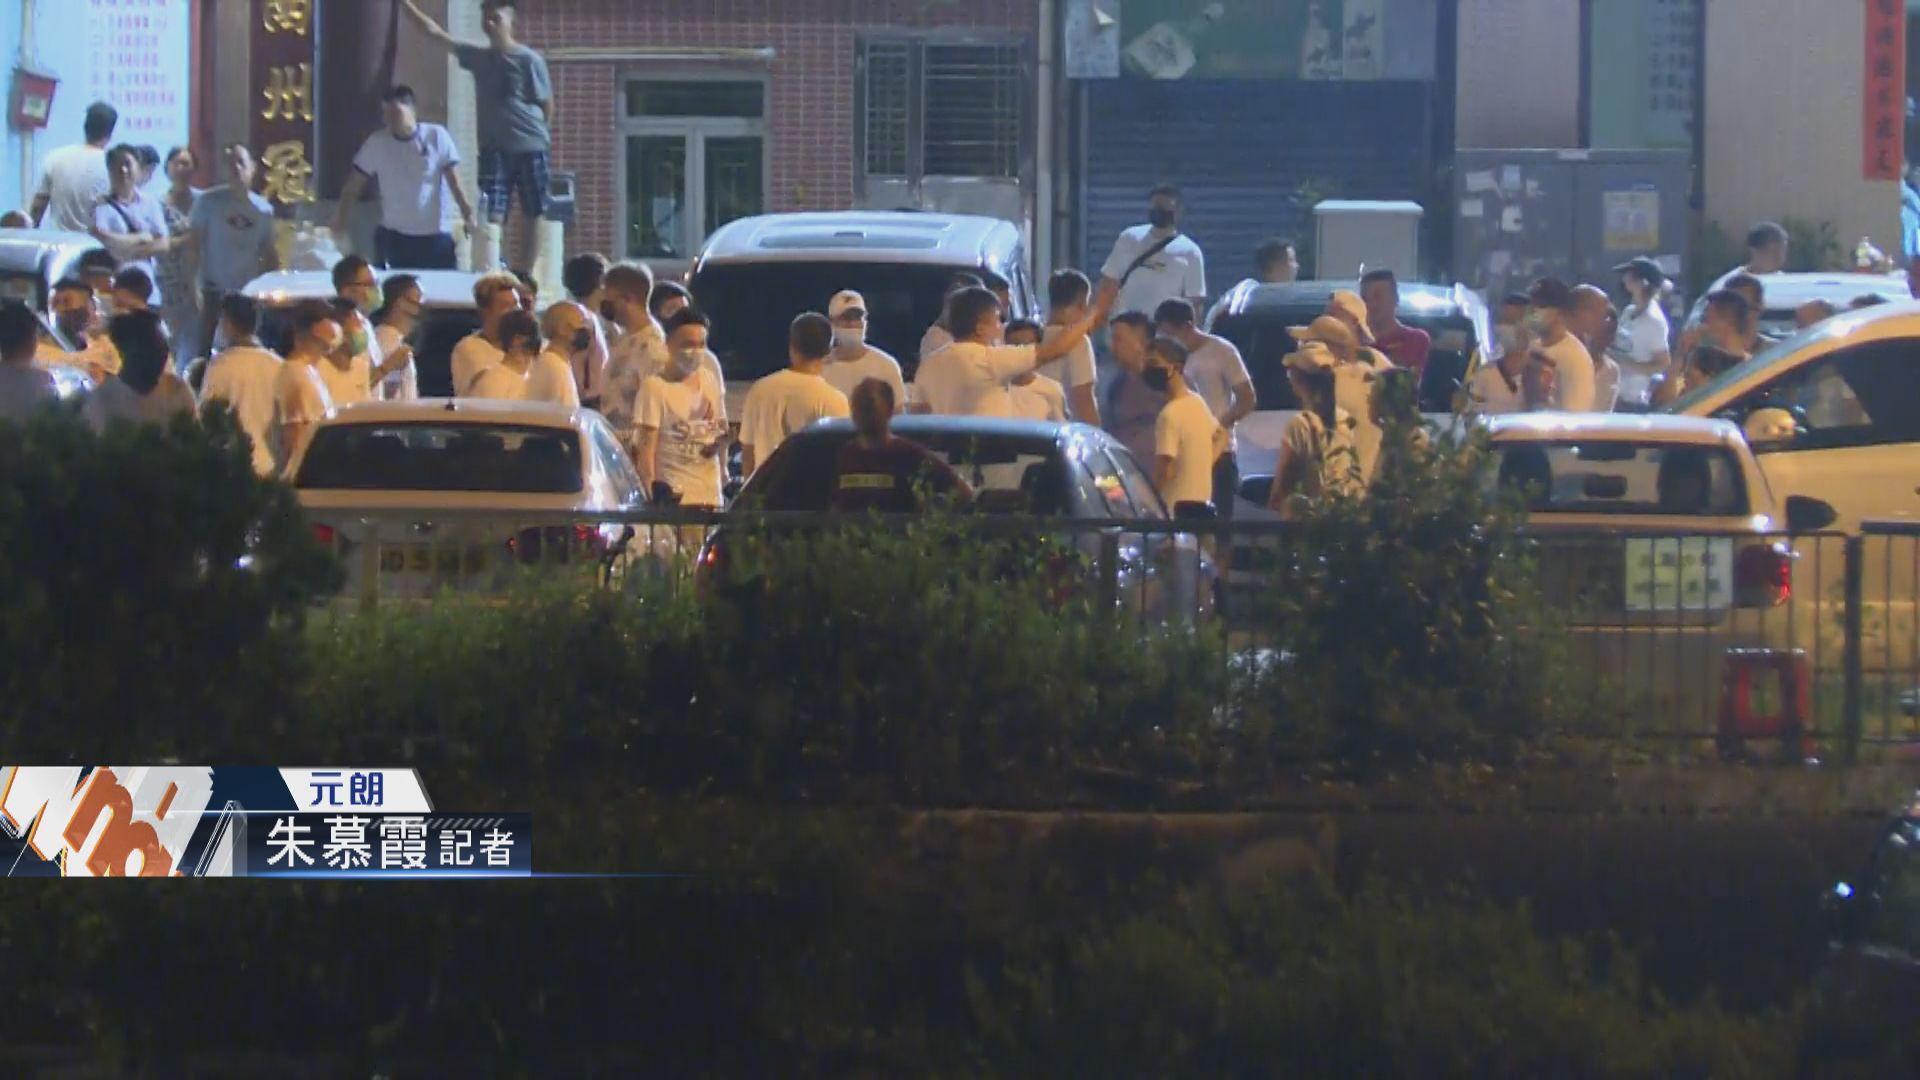 【不斷更新】元朗有白衣人追打黑衣市民 警方到場